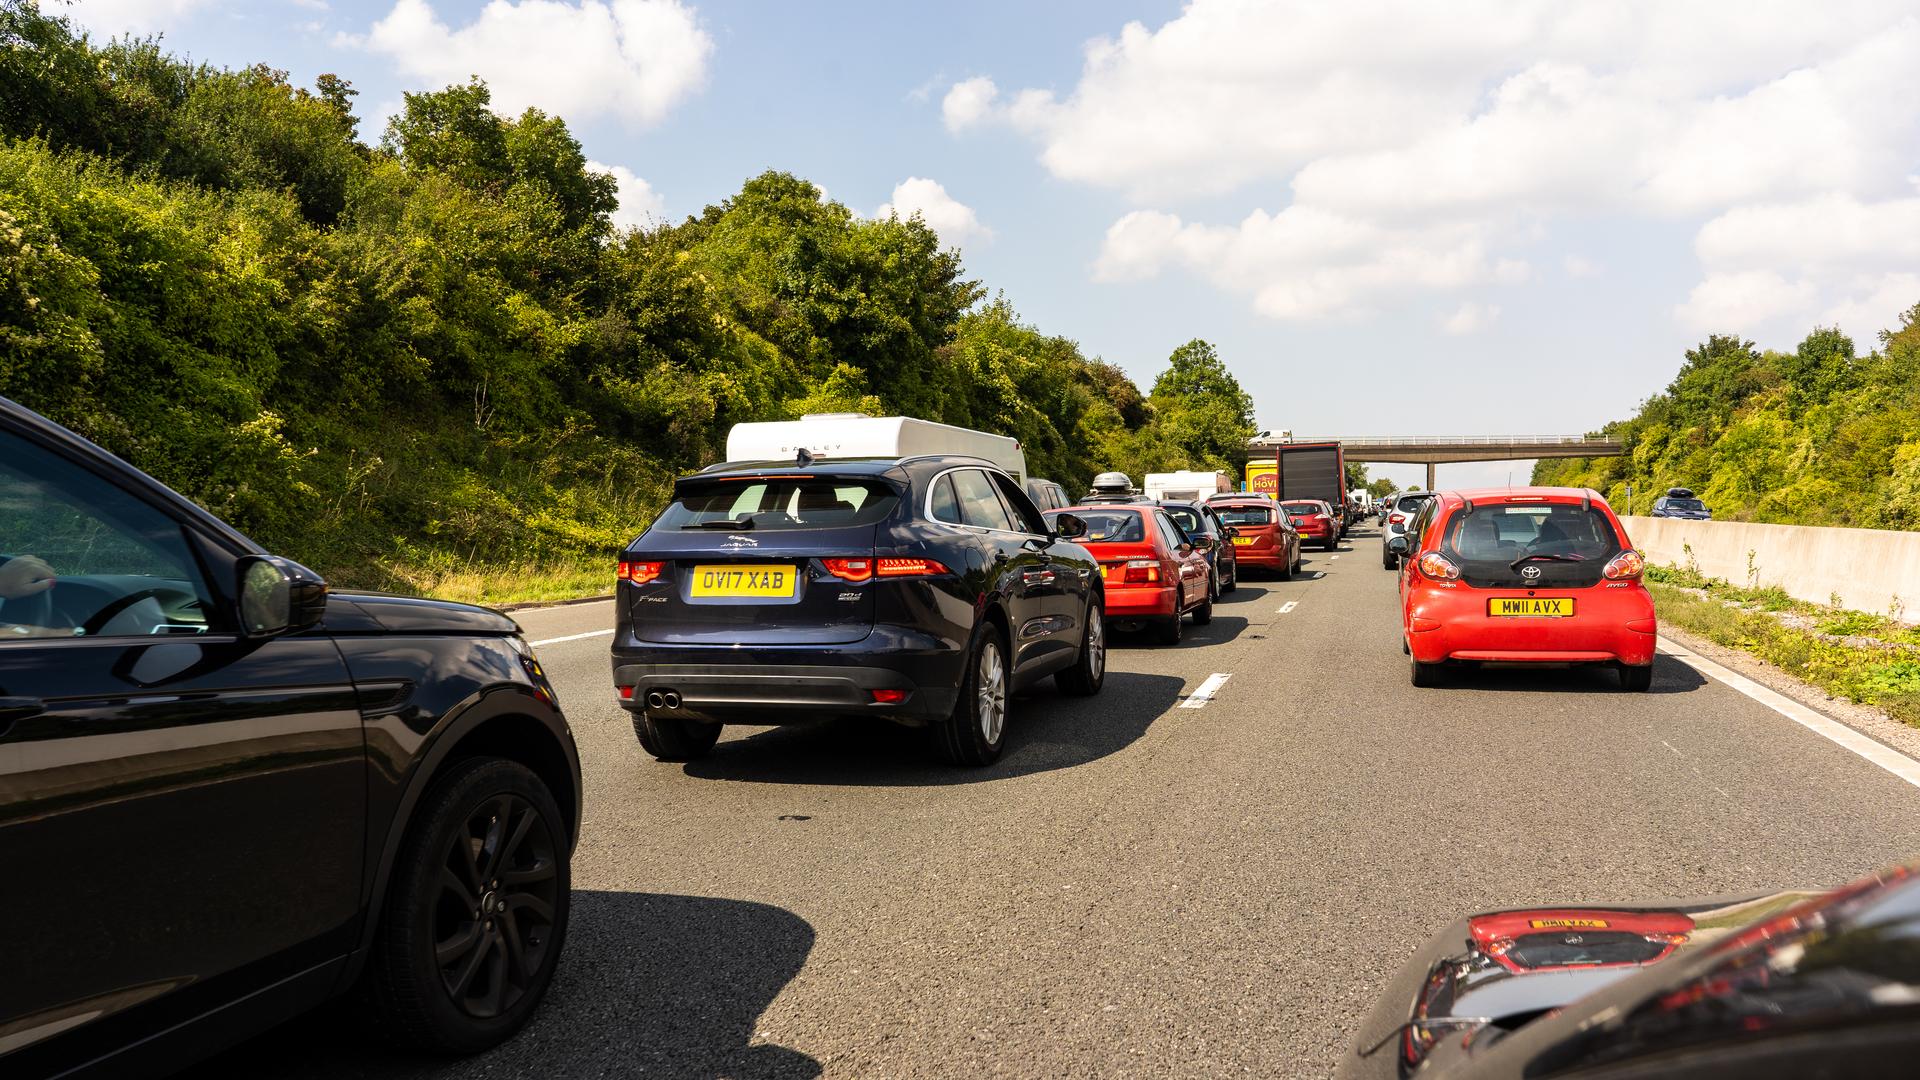 Traffic on M5 motorway